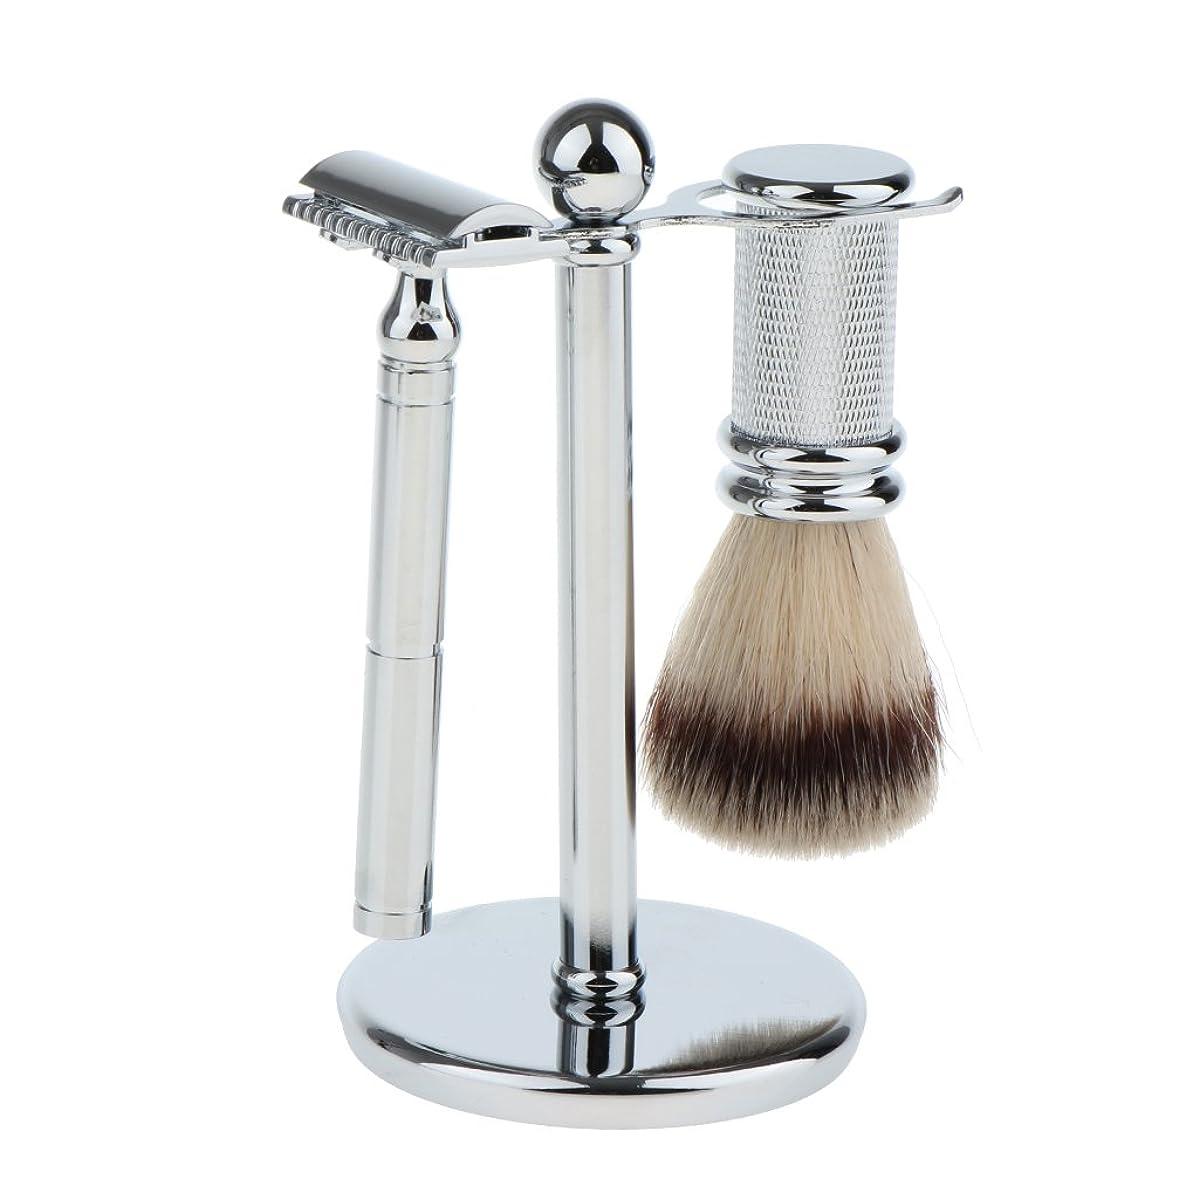 ずんぐりしたほめる暴露Fenteer スタンド ブラシ マニュアルシェーバー 3本セット 男性用 シェービング ブラシスタンド ダブルエッジ 剃刀